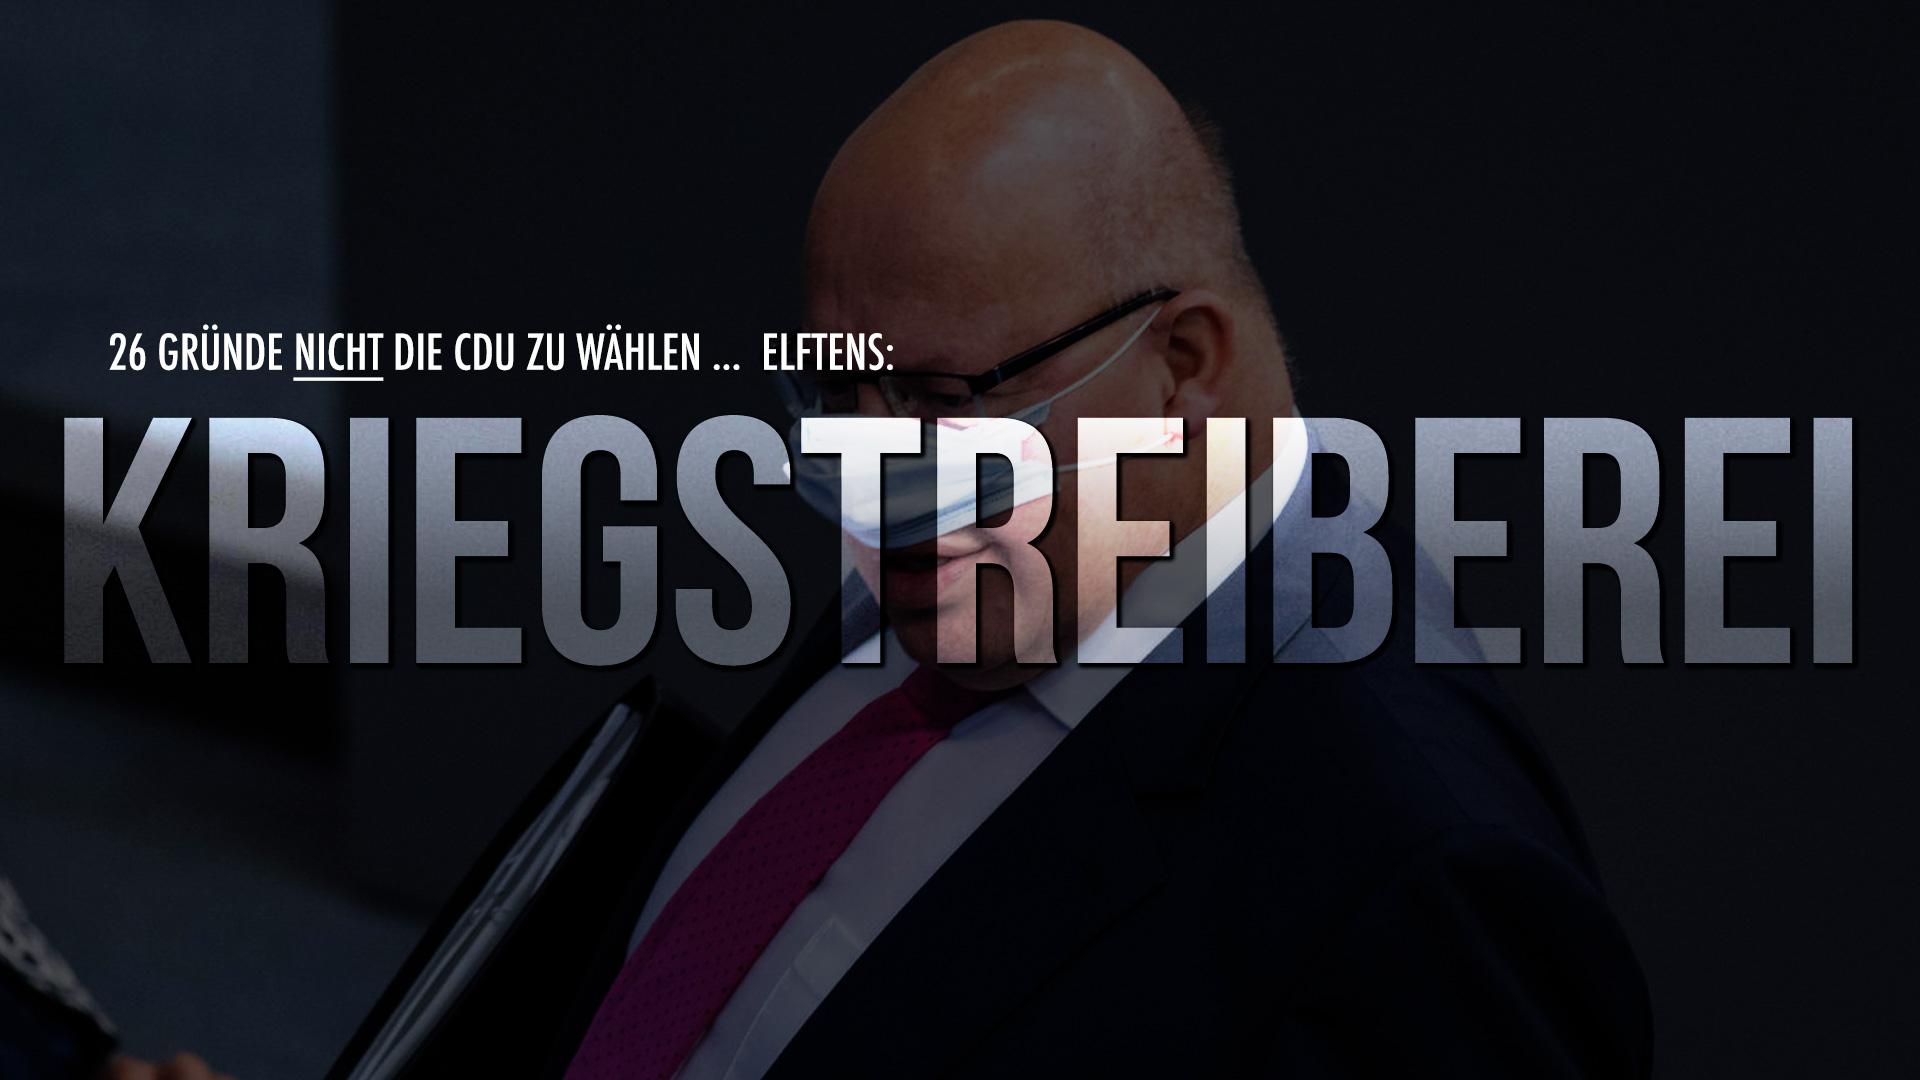 26 Gründe nicht die CDU zu wählen … Elftens: Kriegstreiberei